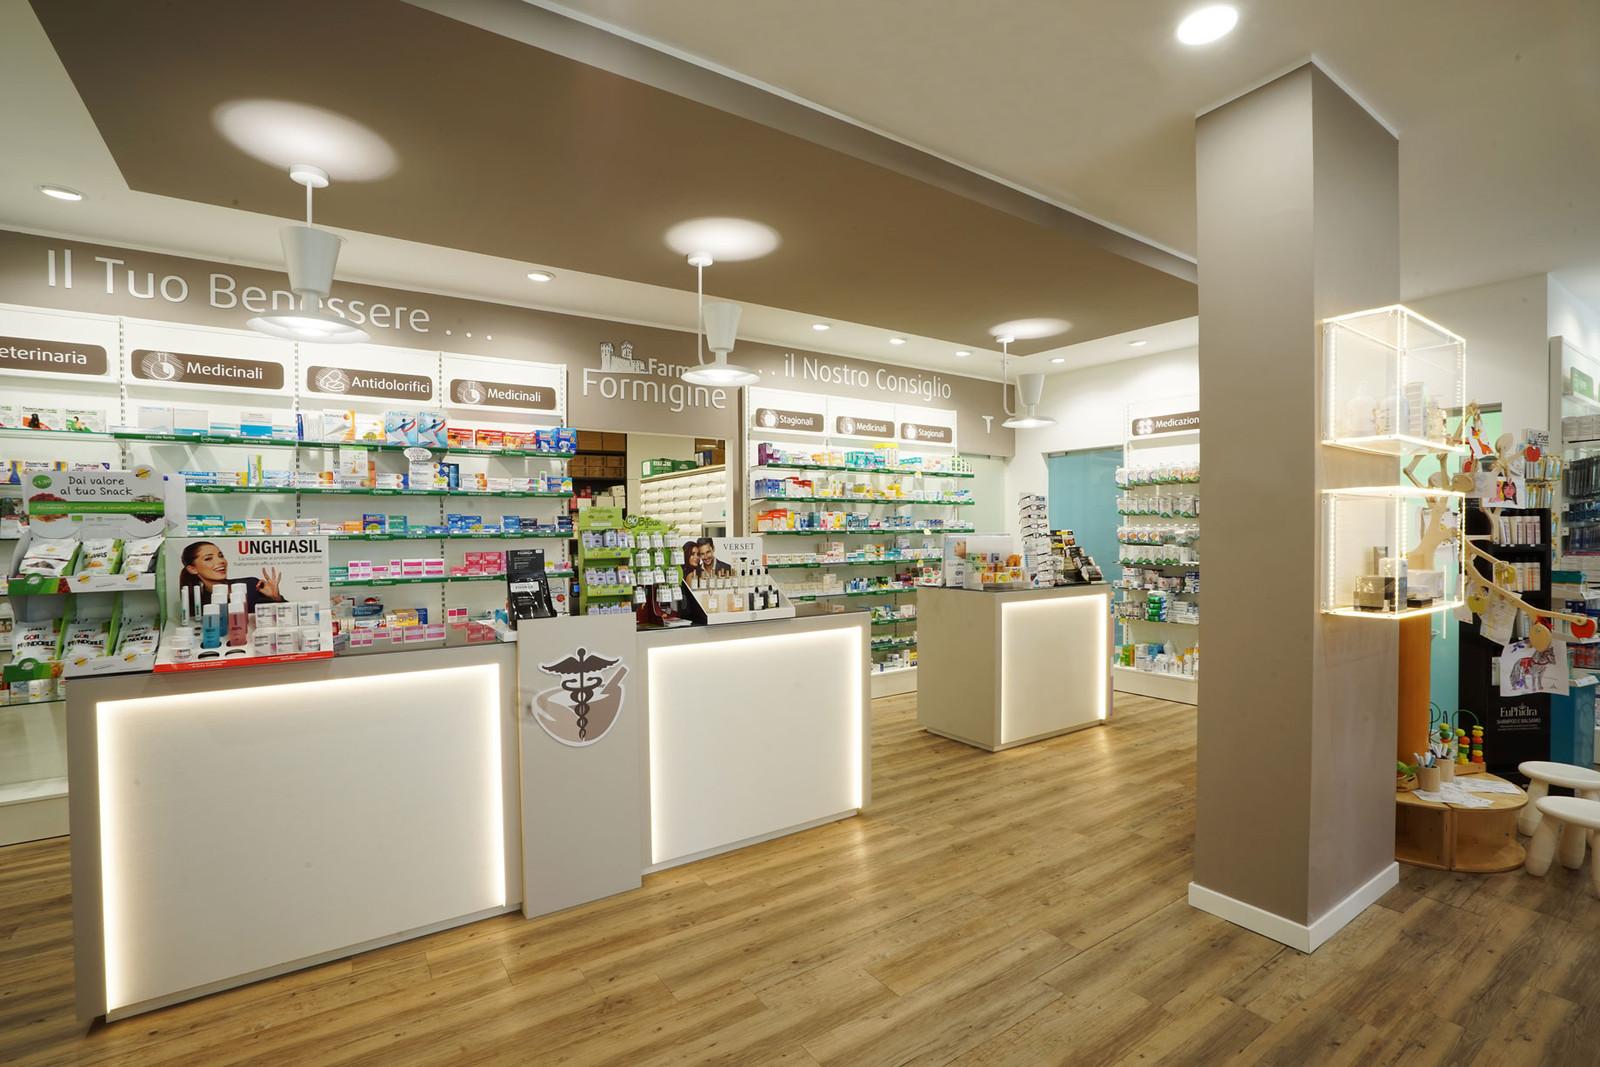 Clou farmacie fashion farmacia formigine formigine mo for Clou arredi farmacie